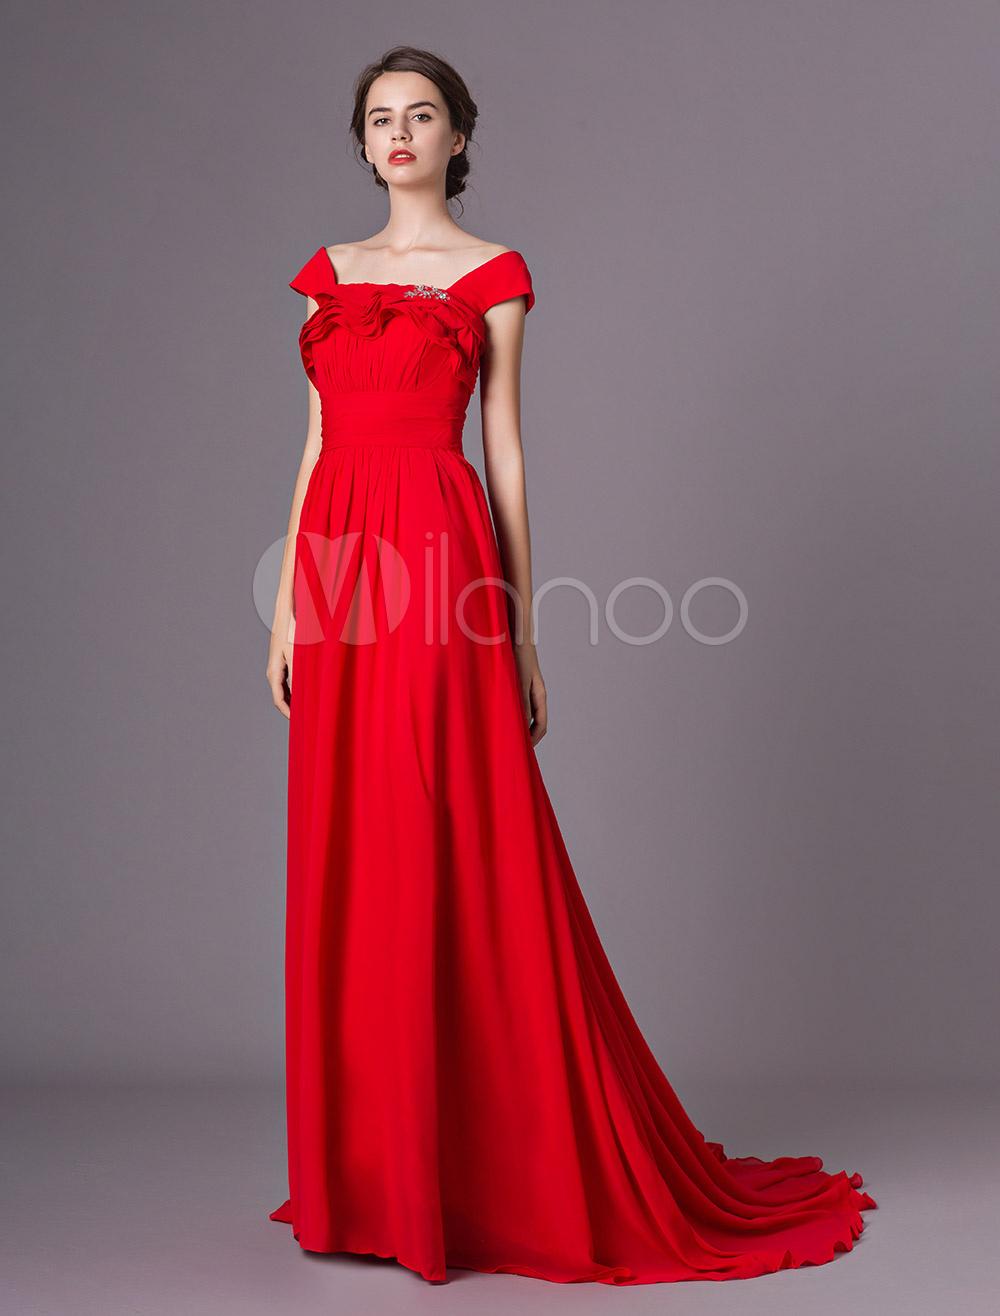 bd406a1a6e3d Abiti da sera rossi che bordano gli abiti convenzionali chiffon pieghettati  con il treno-No ...